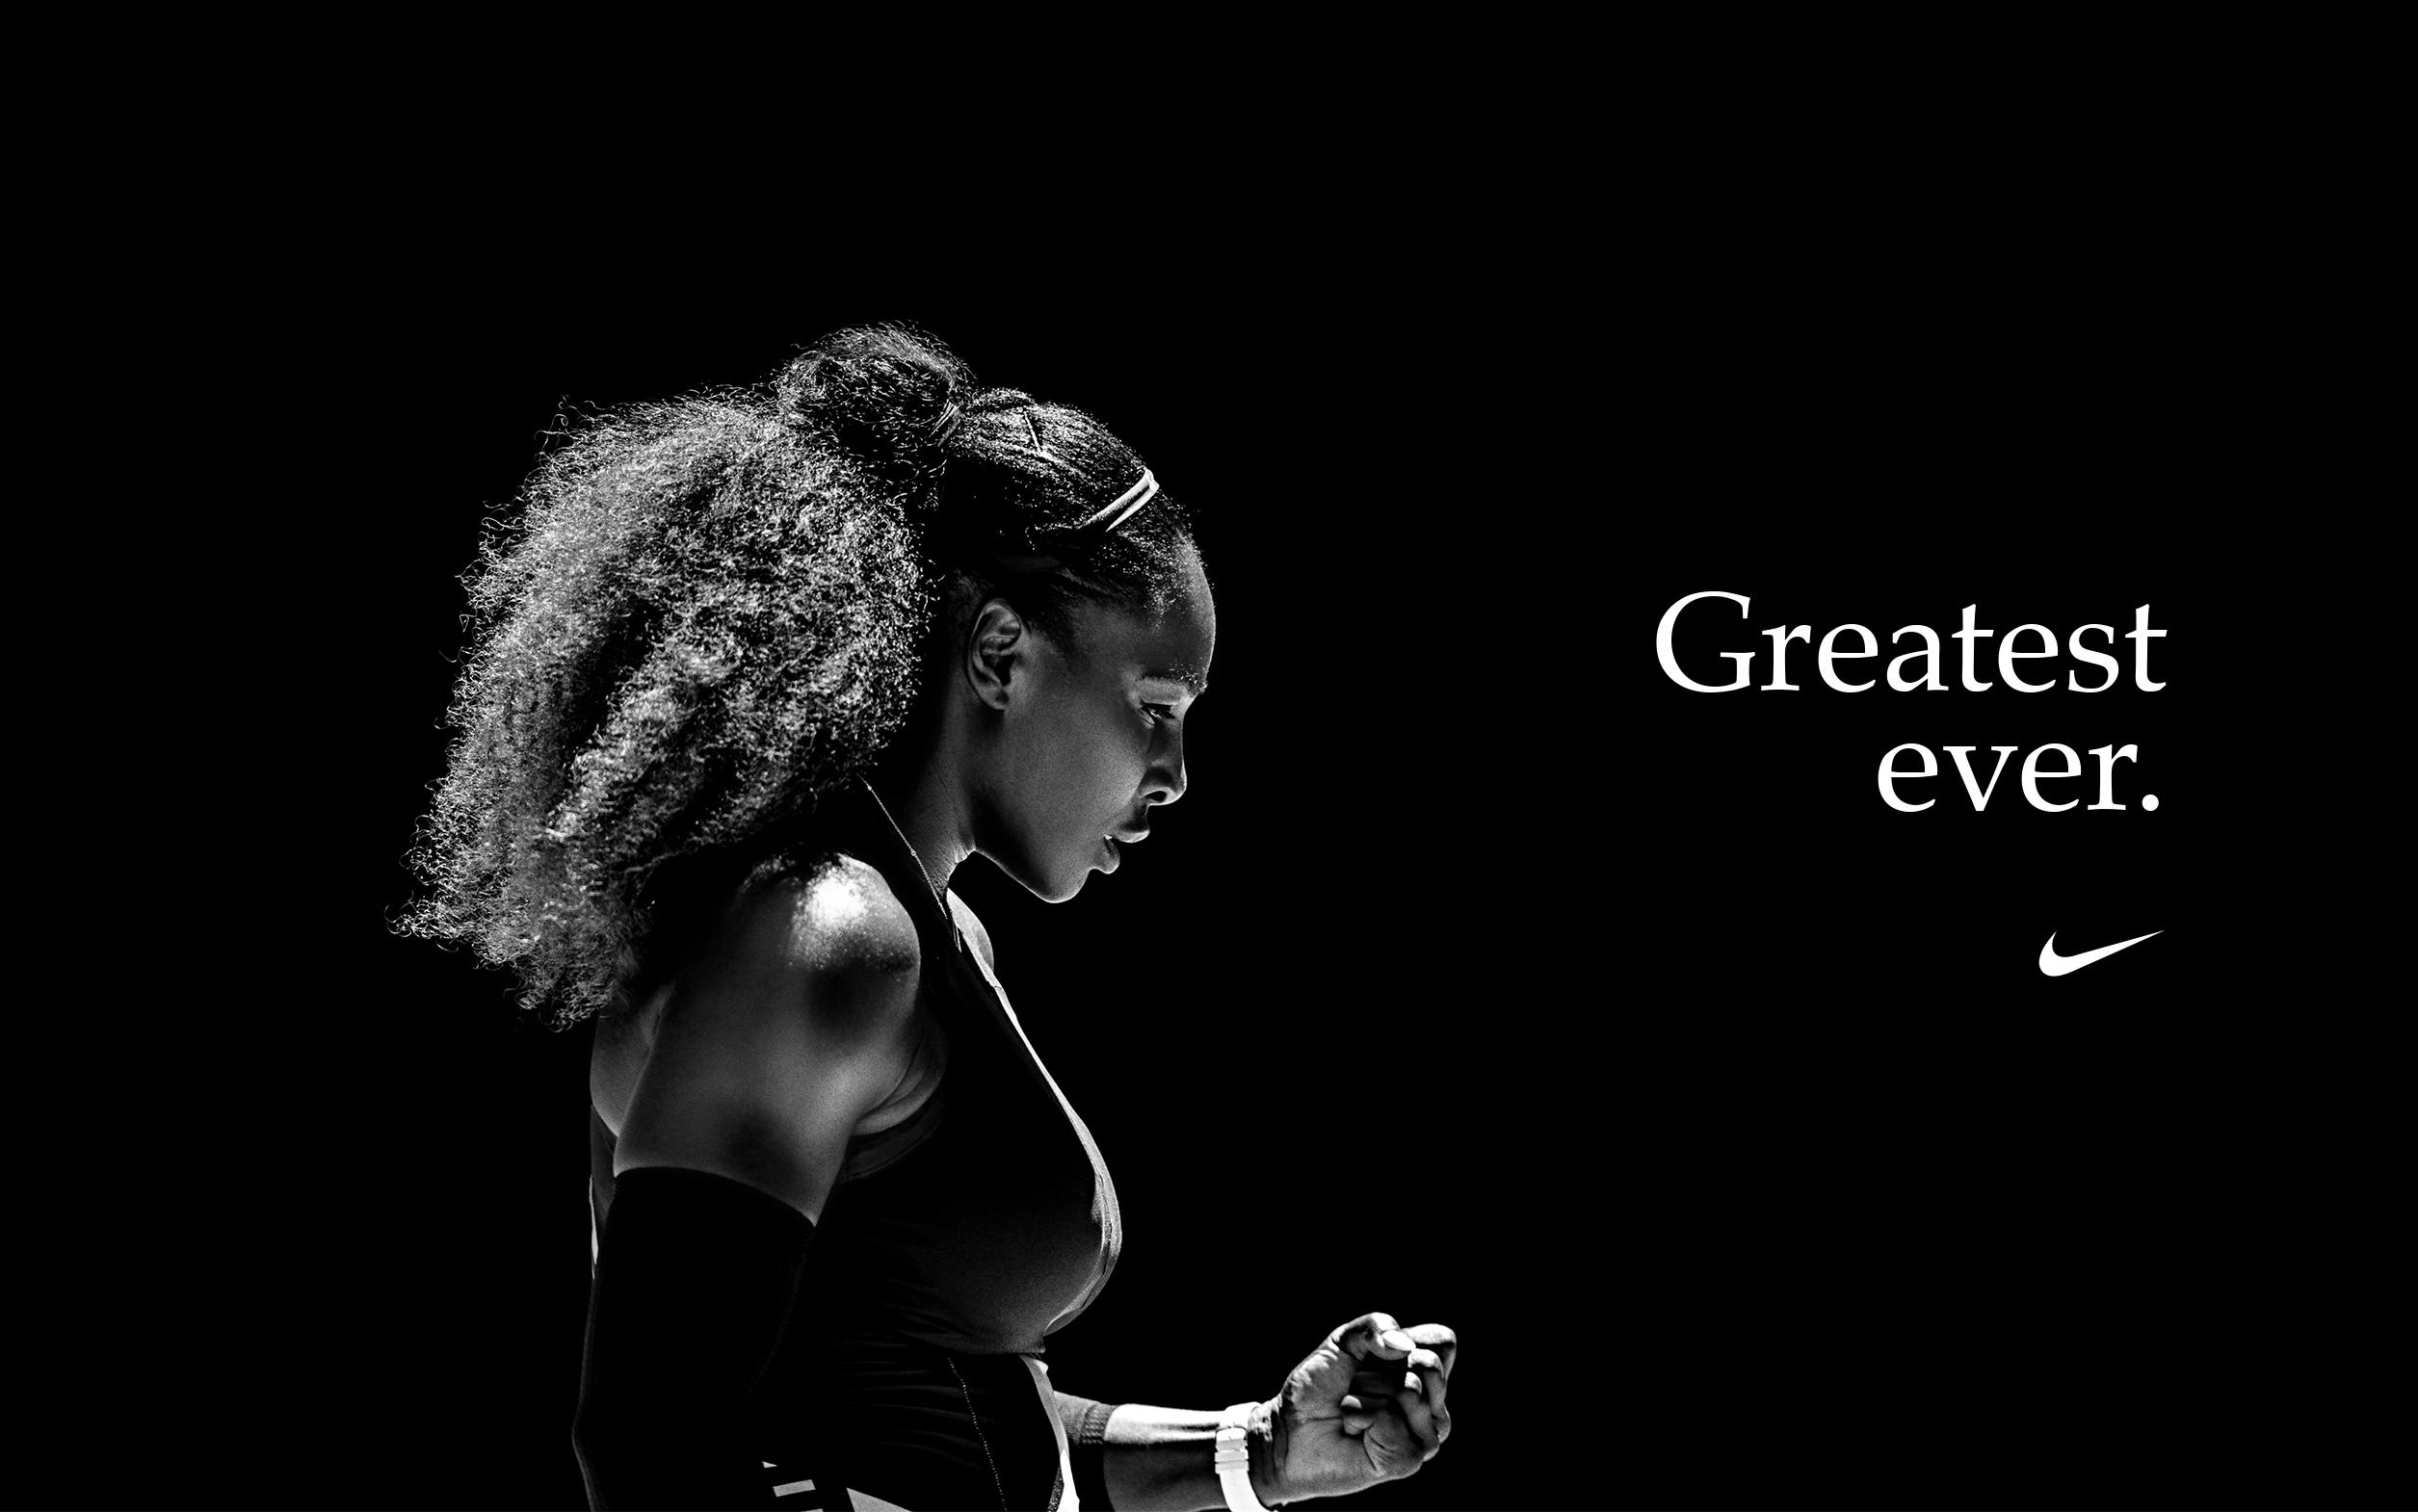 Serena_AUS_OPEN_Facebook_Twitter_2510x15702